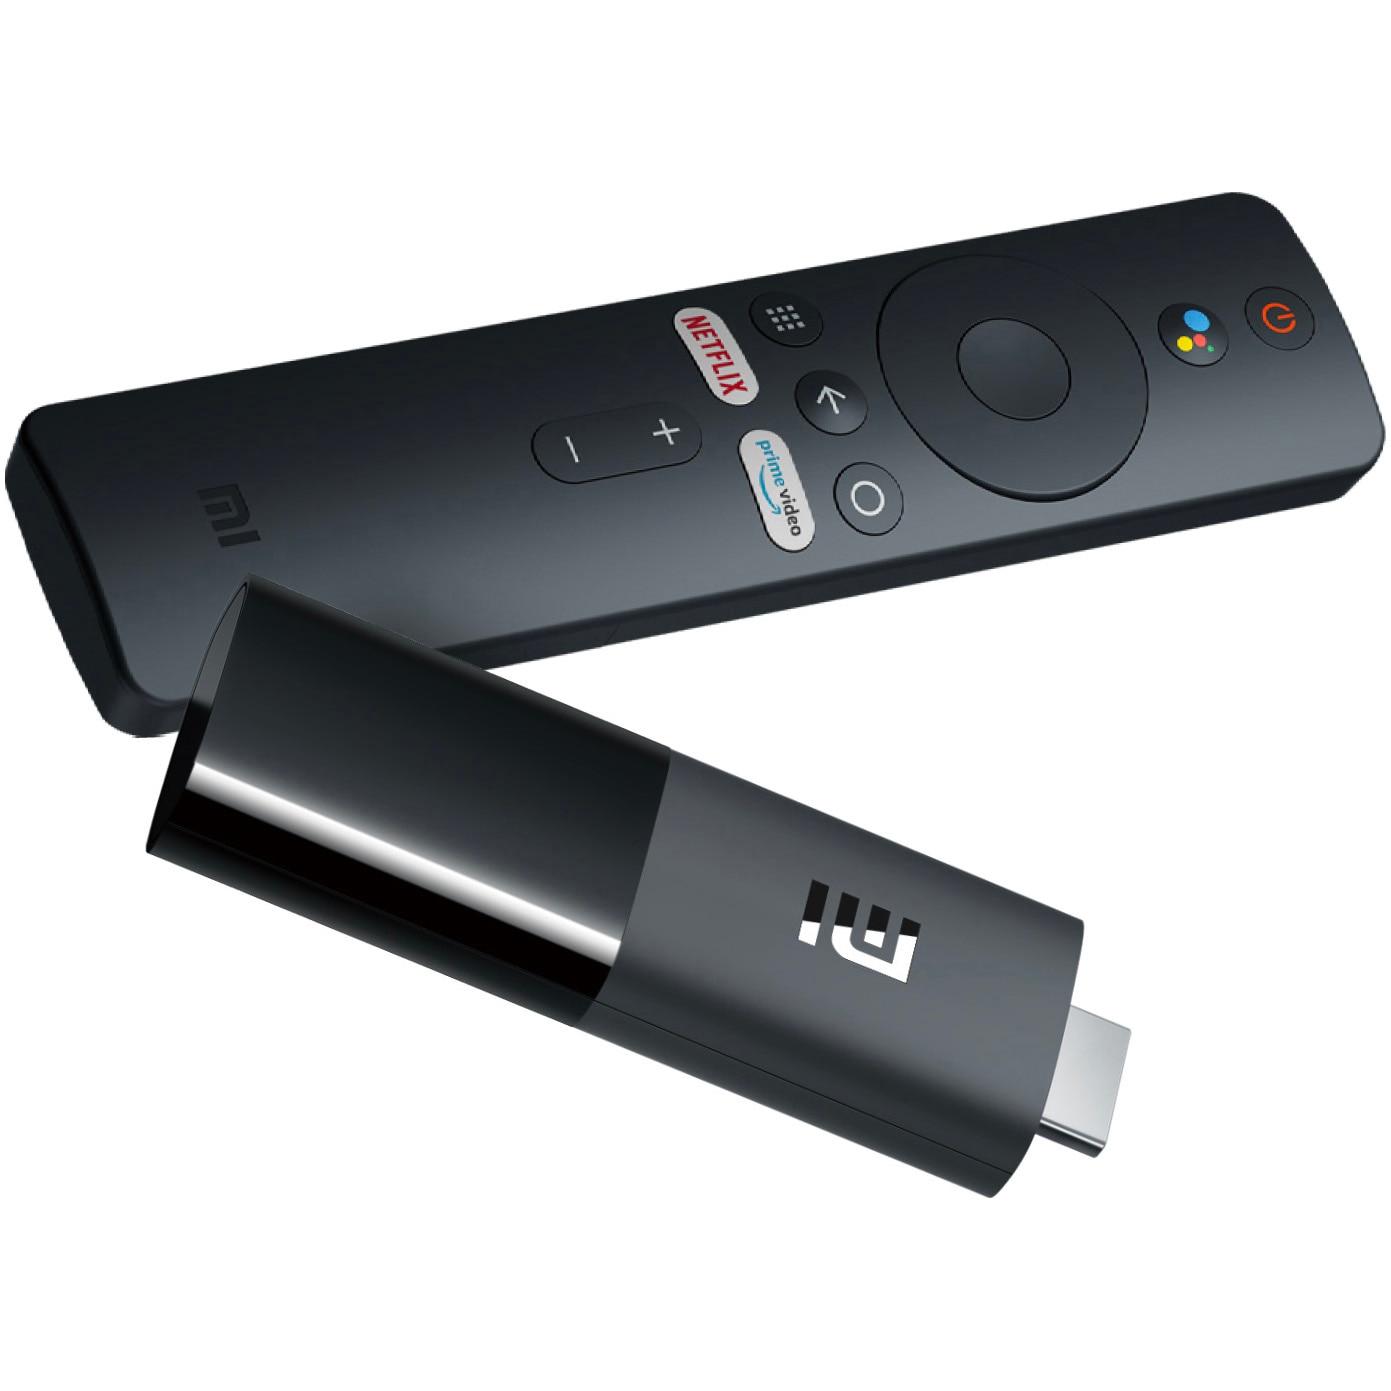 Fotografie Mediaplayer Xiaomi Mi TV Stick, Full HD, Chromecast, Control Voce, Bluetooth, Wi-Fi, HDMI, Negru